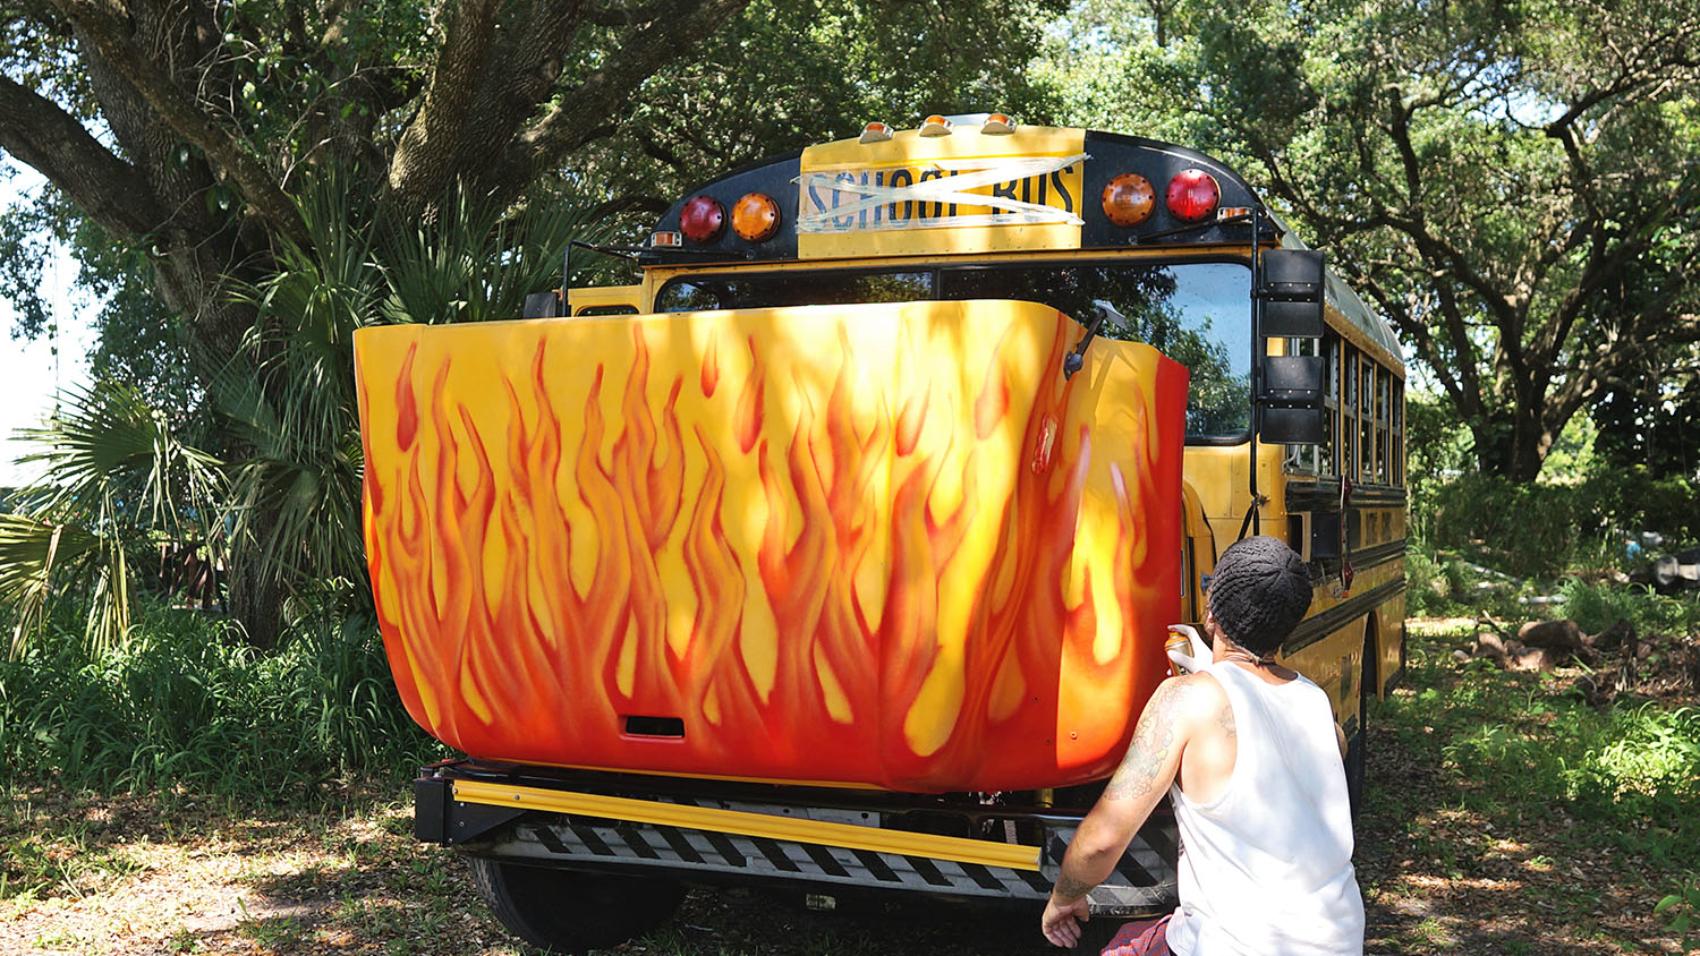 Jack paints the bus